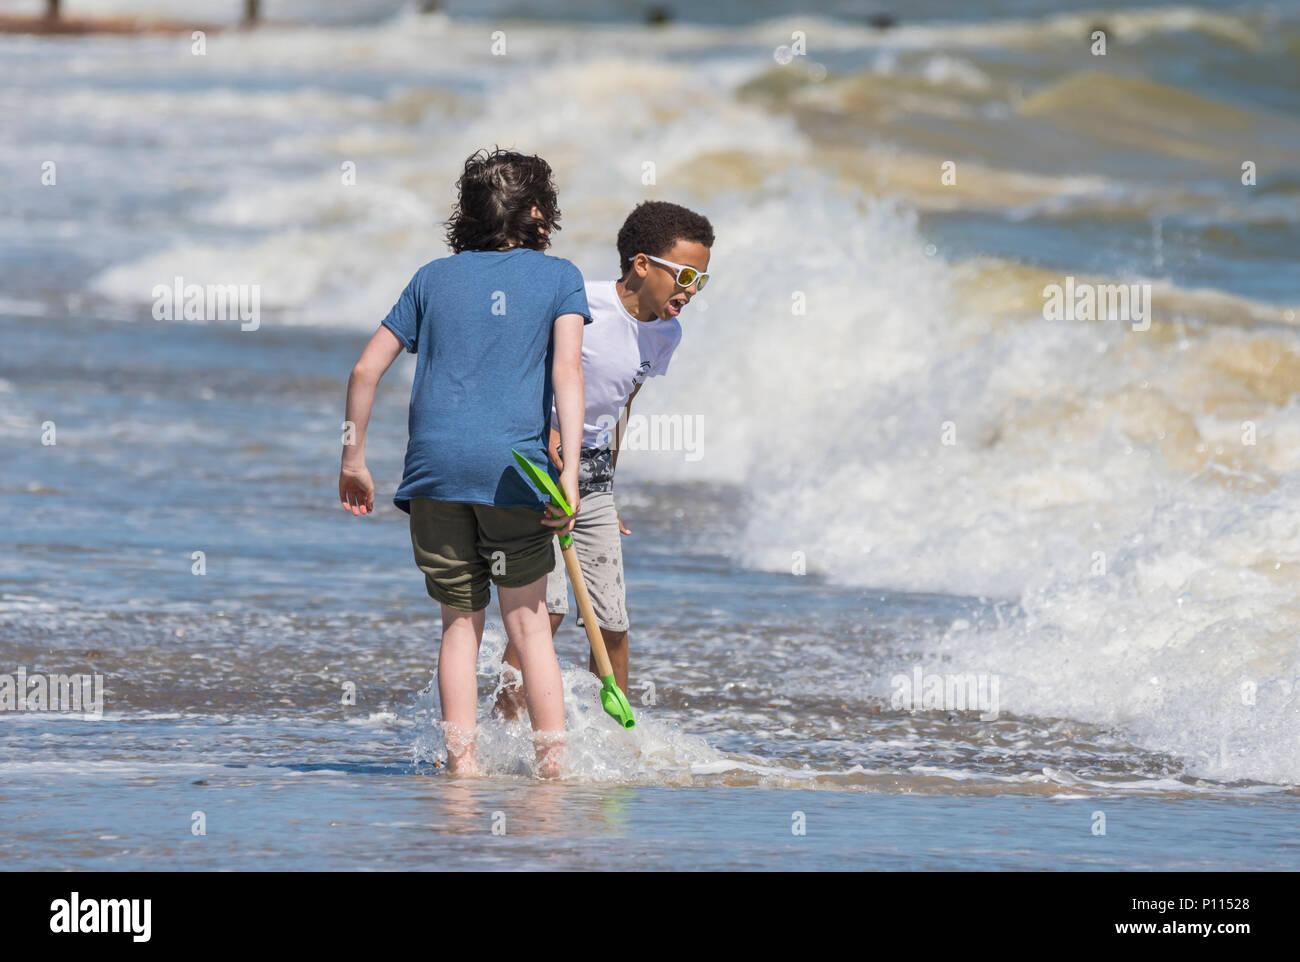 Paar Jungen an einem Strand am Meer spielen, wie die Wellen in der Nähe in England, Großbritannien. Jungen look unterschiedlicher ethnischer Herkunft zu sein. Stockbild